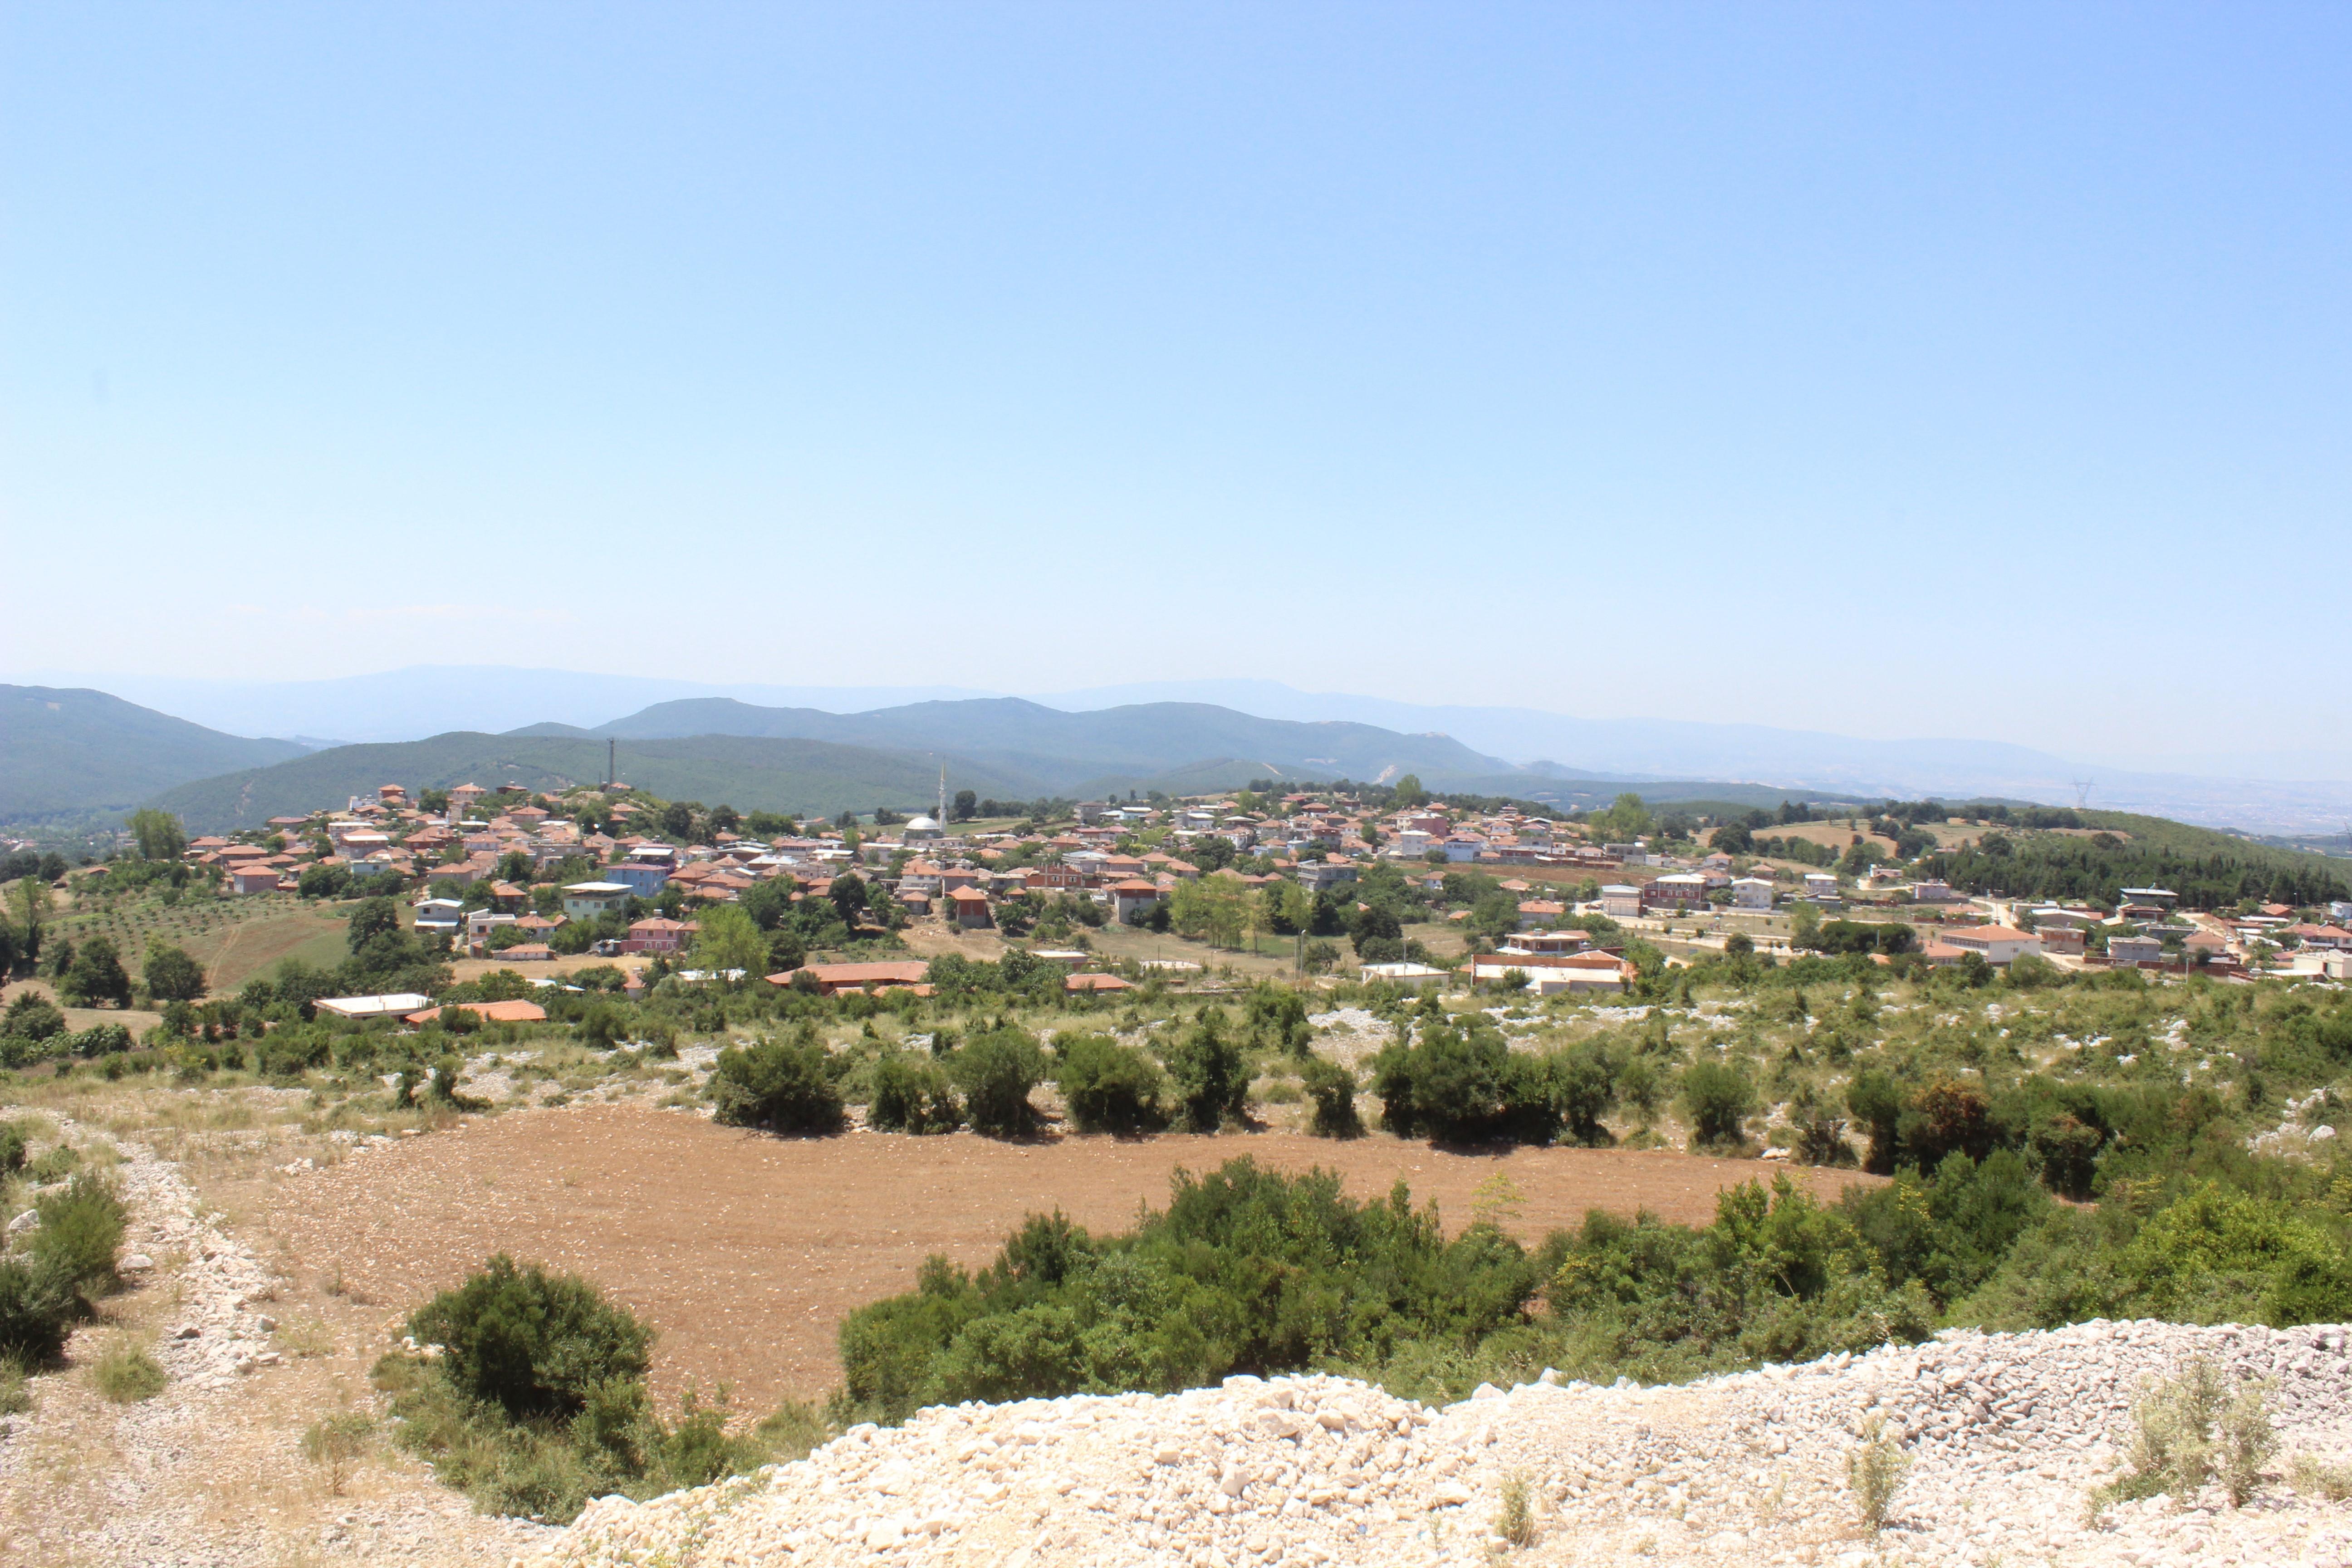 200 yıl önce Horasan'dan gelen ailelerin kurduğu Bursa'nın Mustafakemalpaşa ilçesinin Taşpınar köyü sâkinleri, dedelerinden kalan ve 50 yıldır işledikleri araziler yüzünden teker teker hapis cezası alıyor.